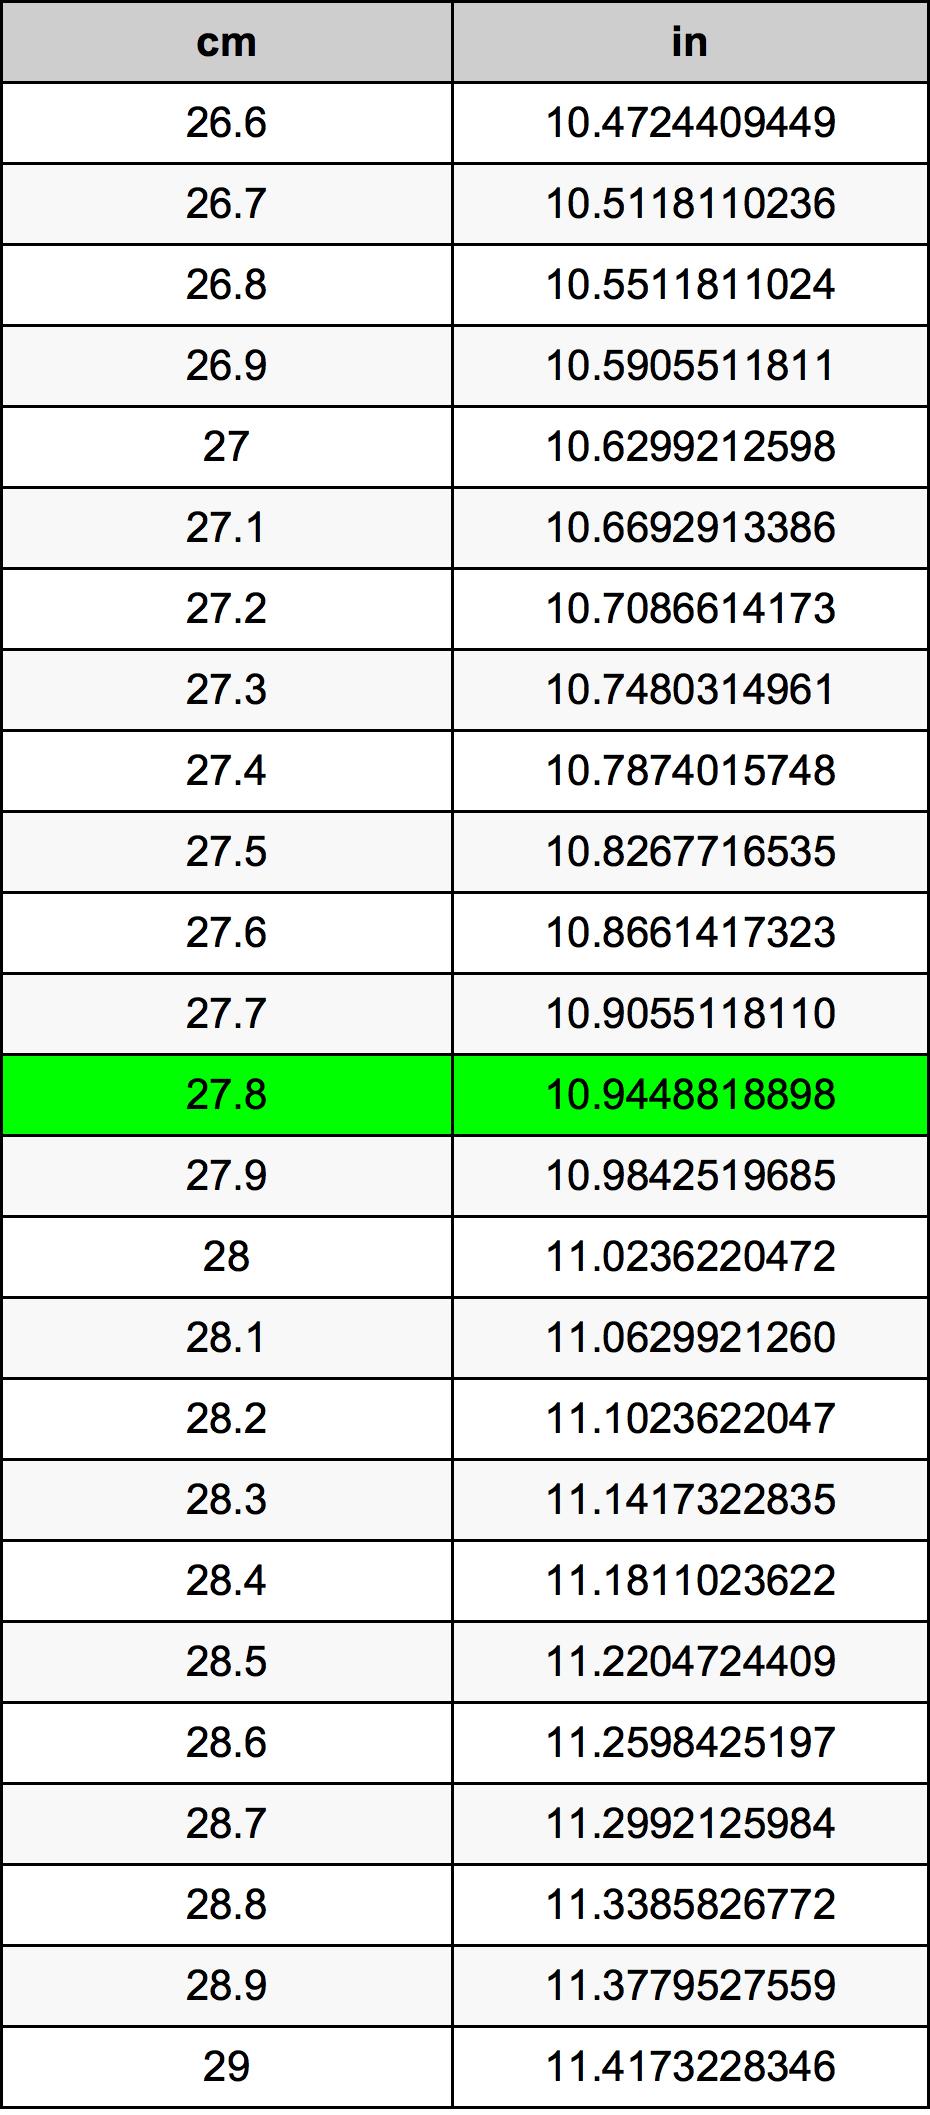 27.8 센티미터 변환 표